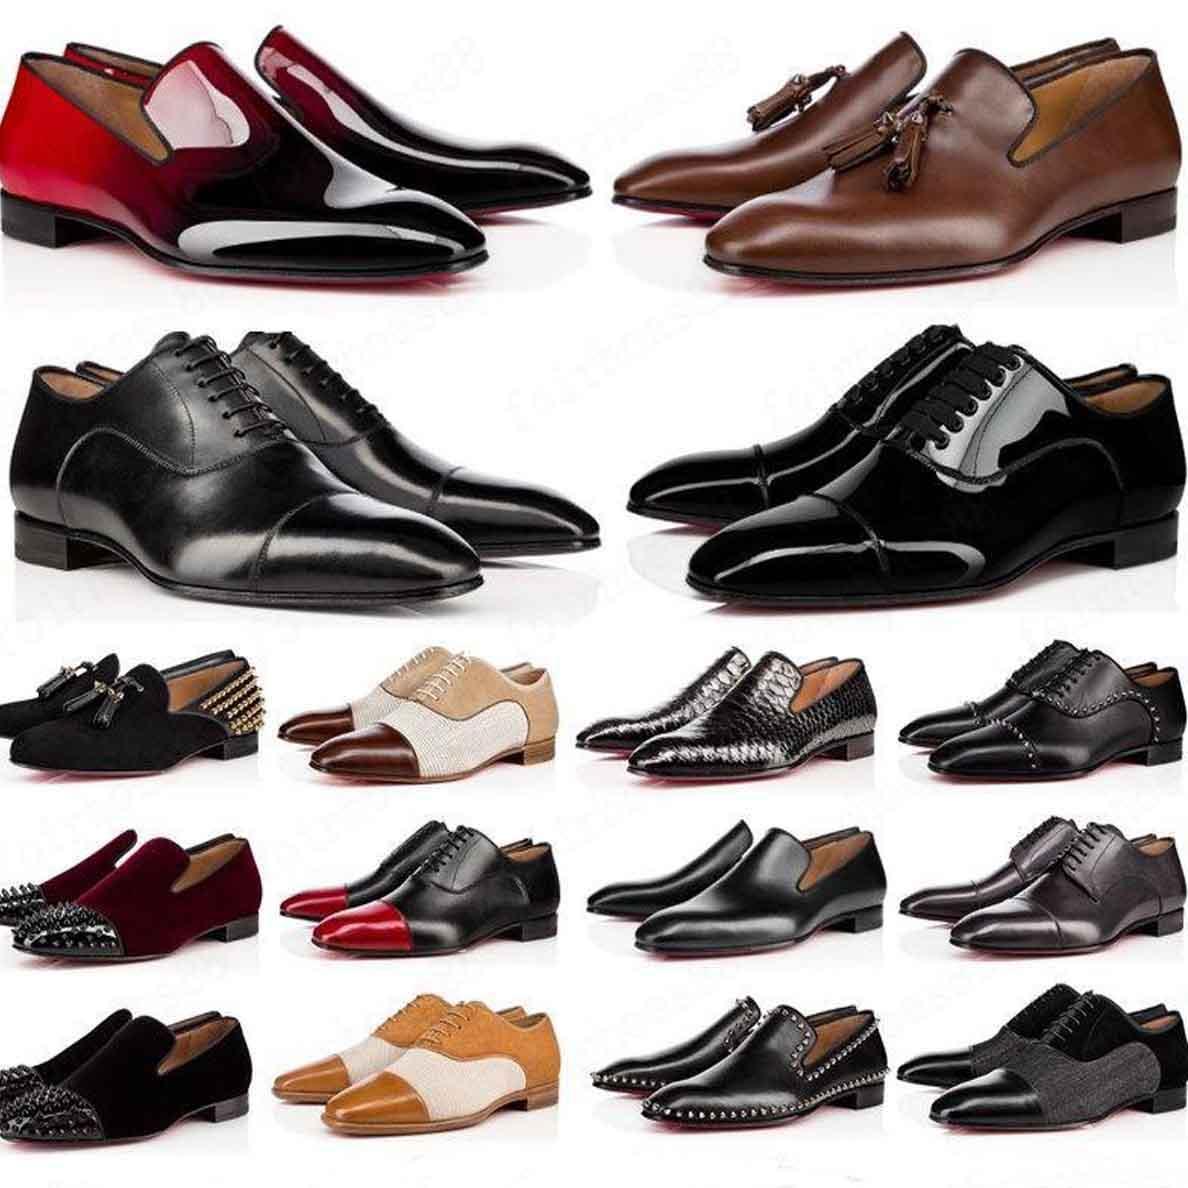 مصممي الفمهات أحذية رجالية أحذية رجالية أحذية حمراء أسفل عارضة أحذية مات باتاء براءات الاختراع الجولة تزلق على المسامير